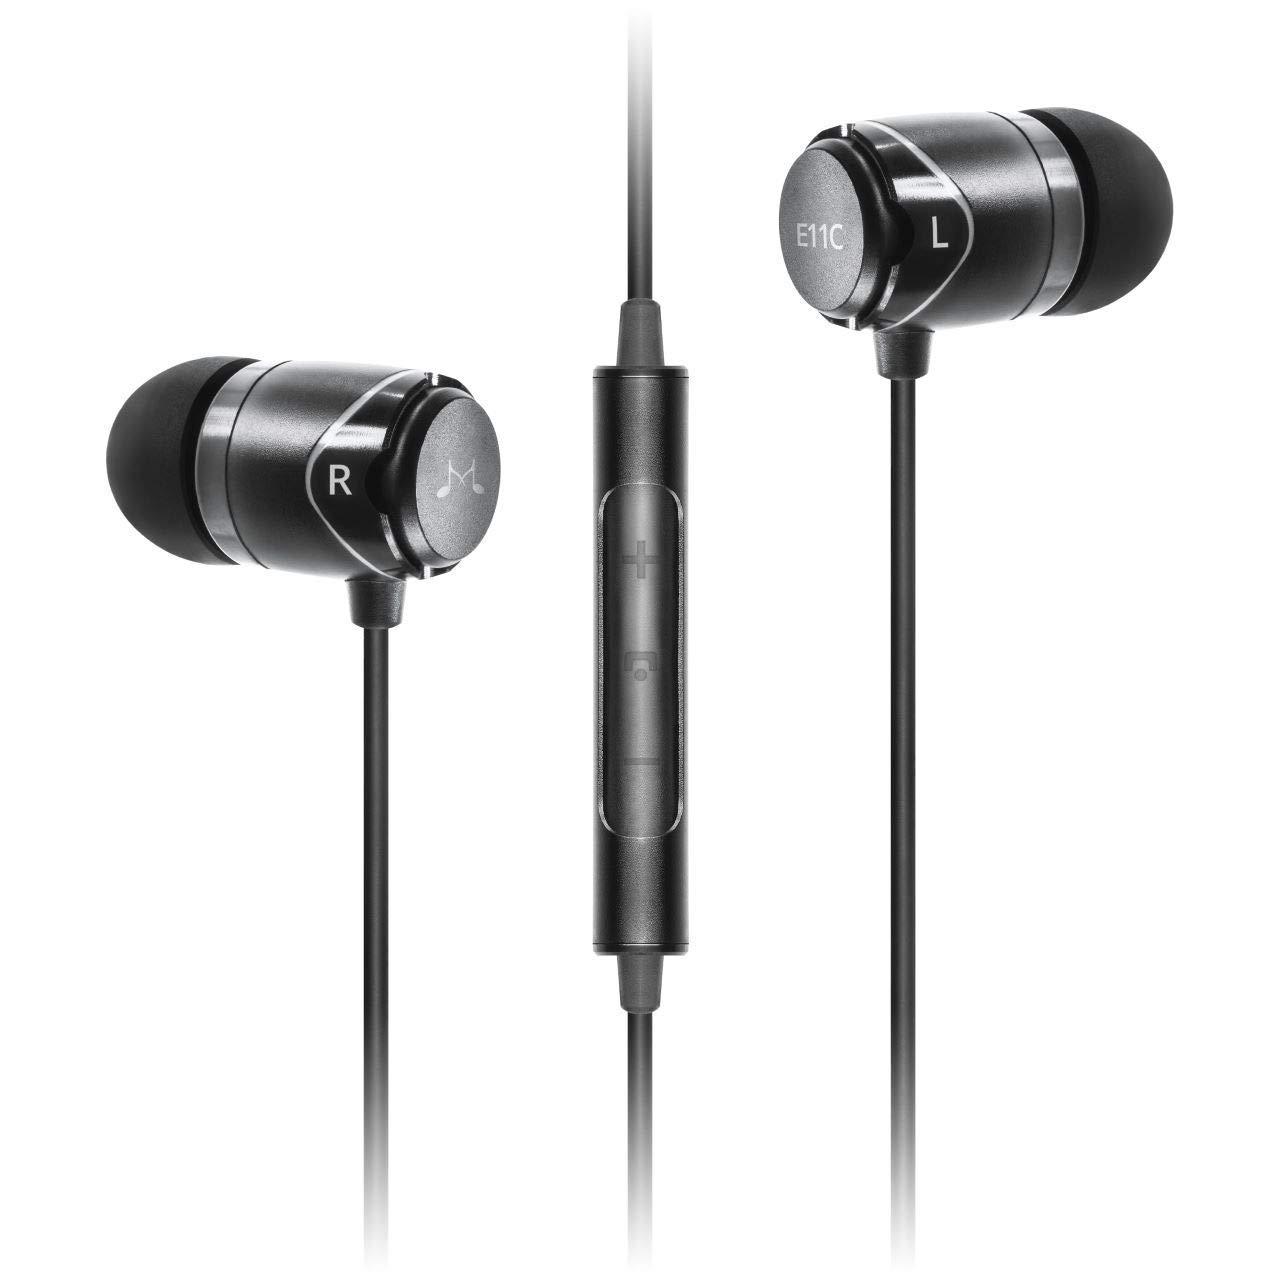 SoundMAGIC E11C - Auriculares internos para Smartphone, con ...